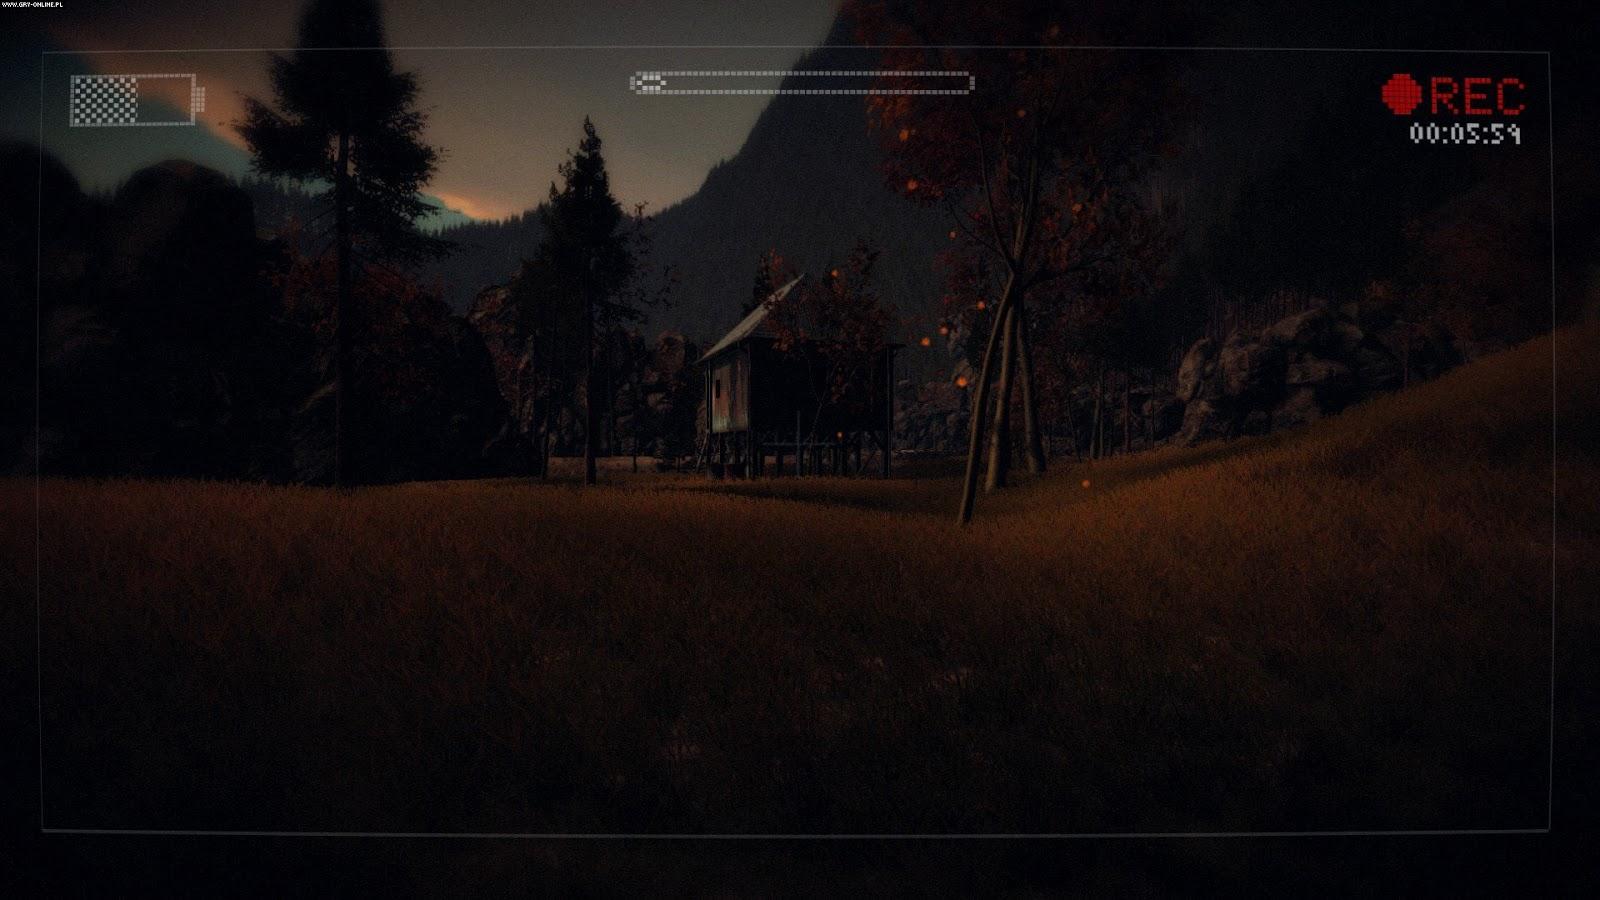 Slender The Arrival pc game 3 - Slender The Arrival 2013 v1.0 CRACKED